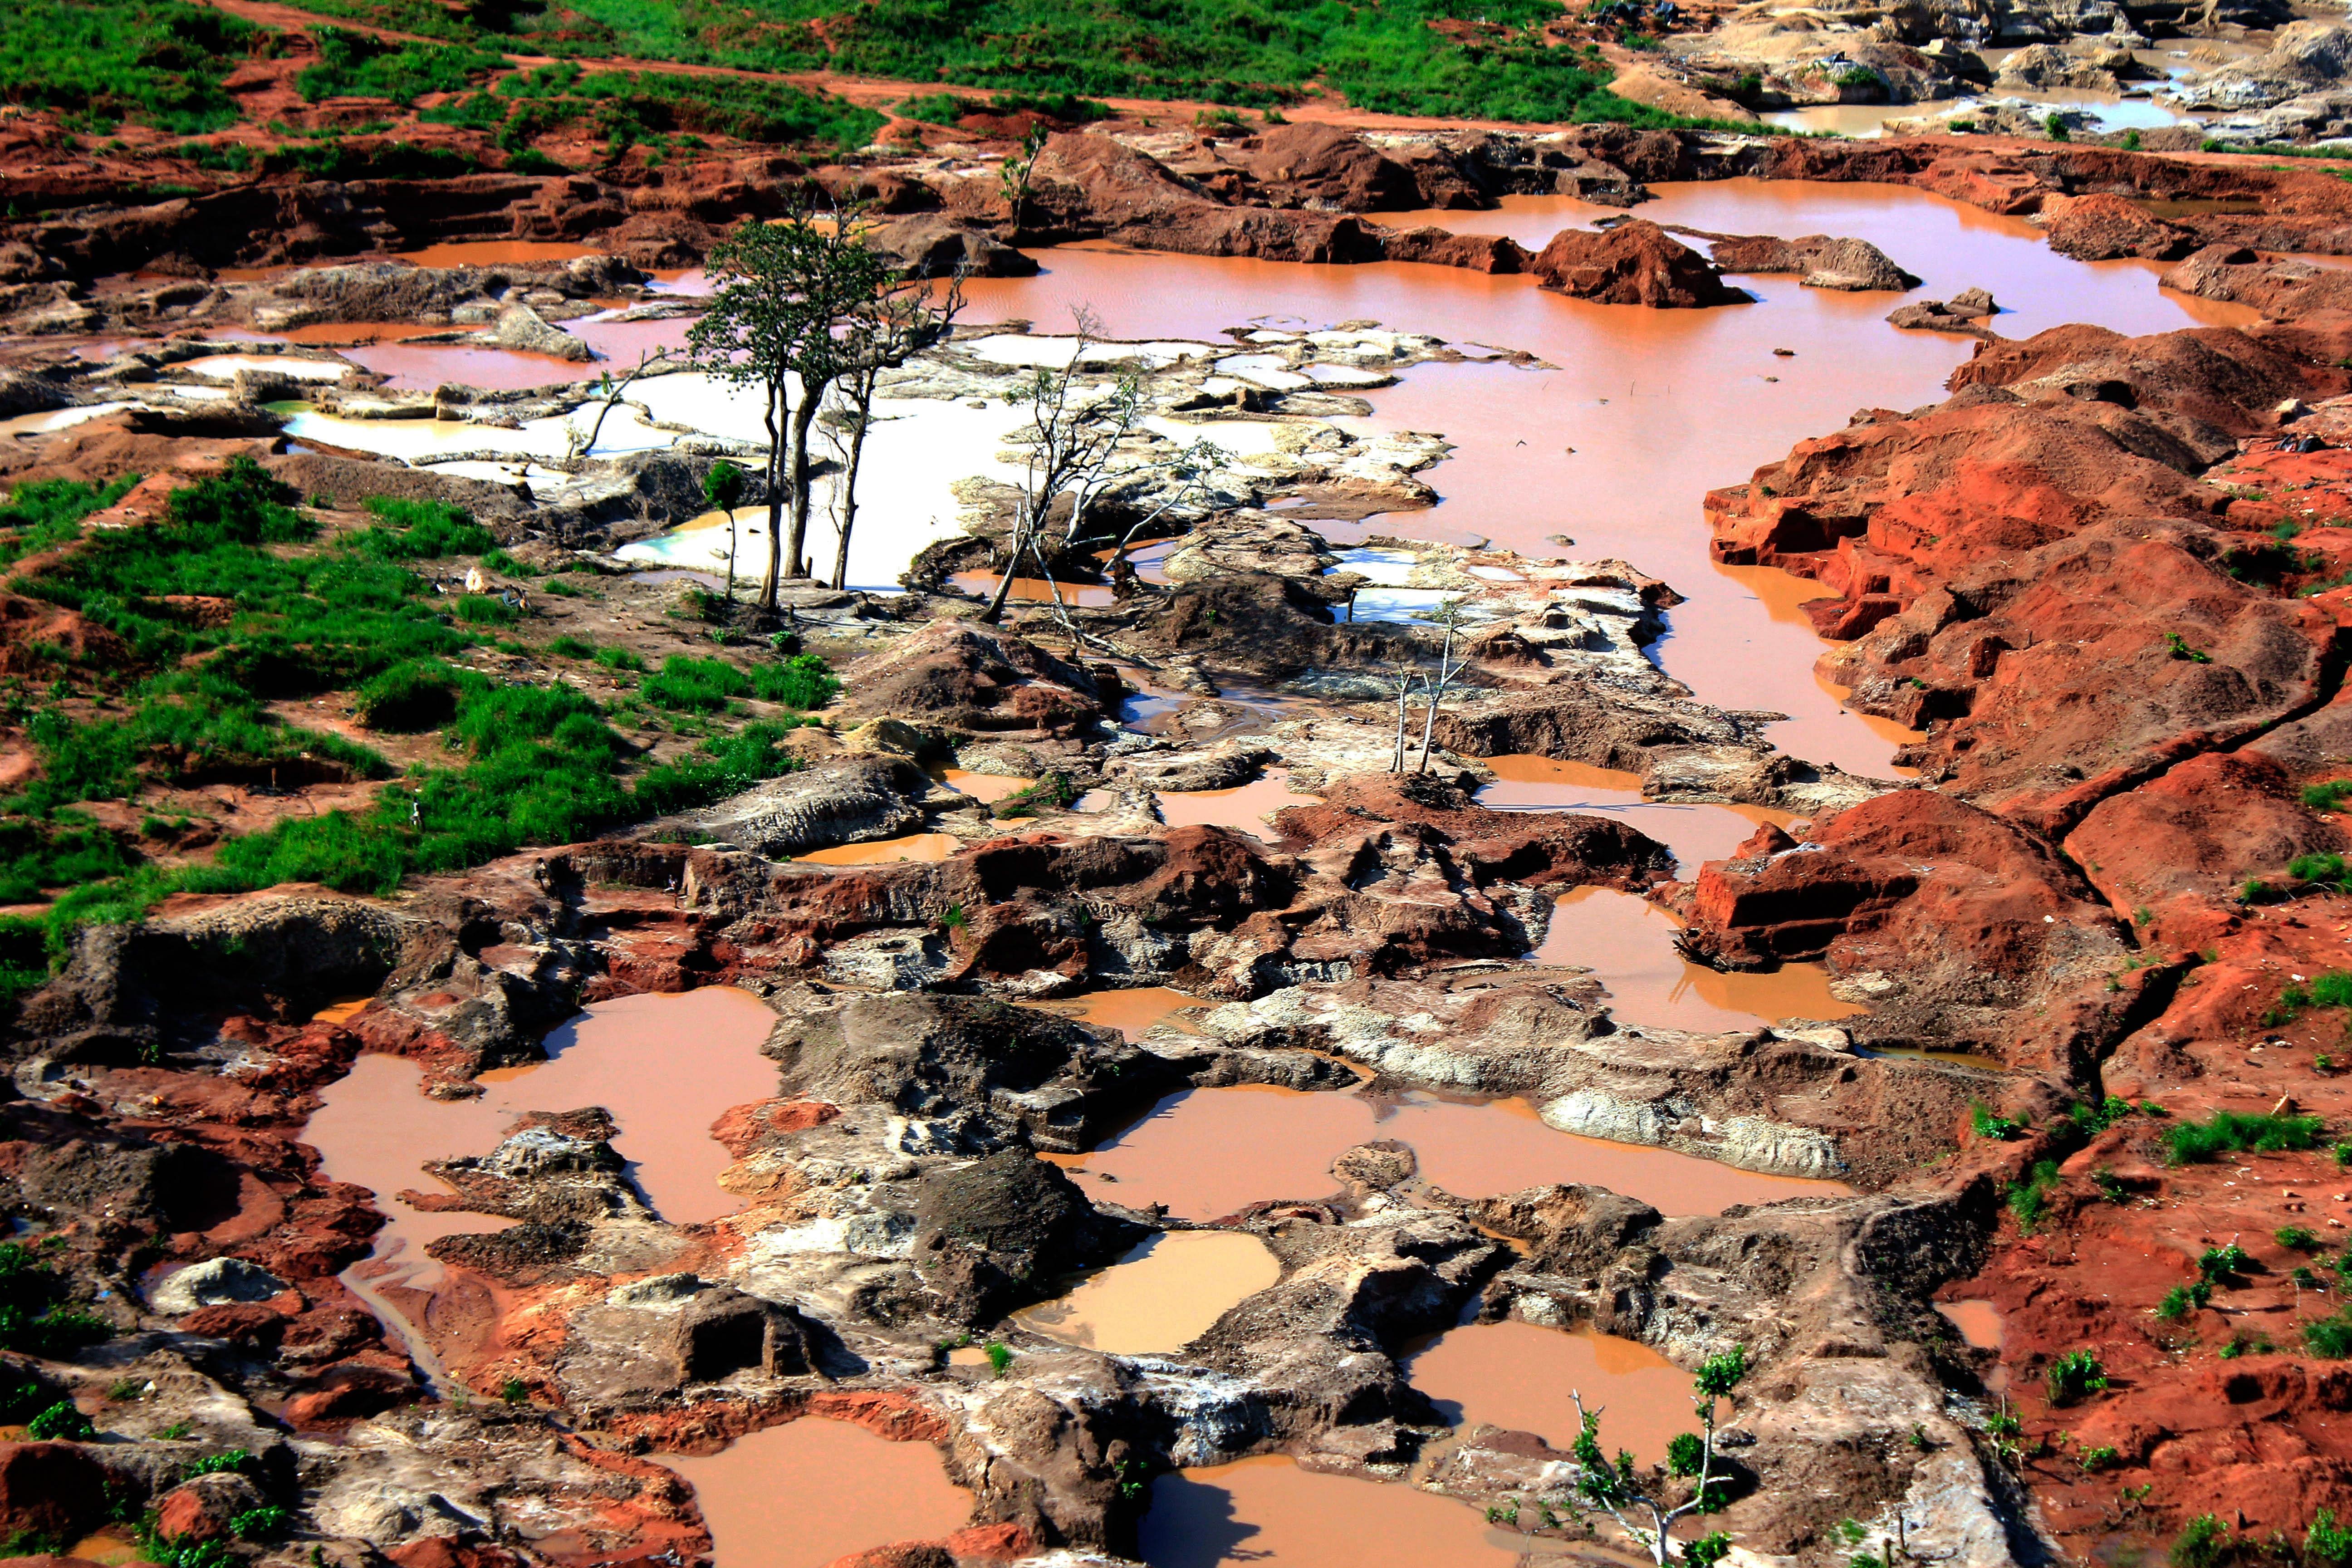 Angola rescinde contratos de exploração de depósitos diamantíferos